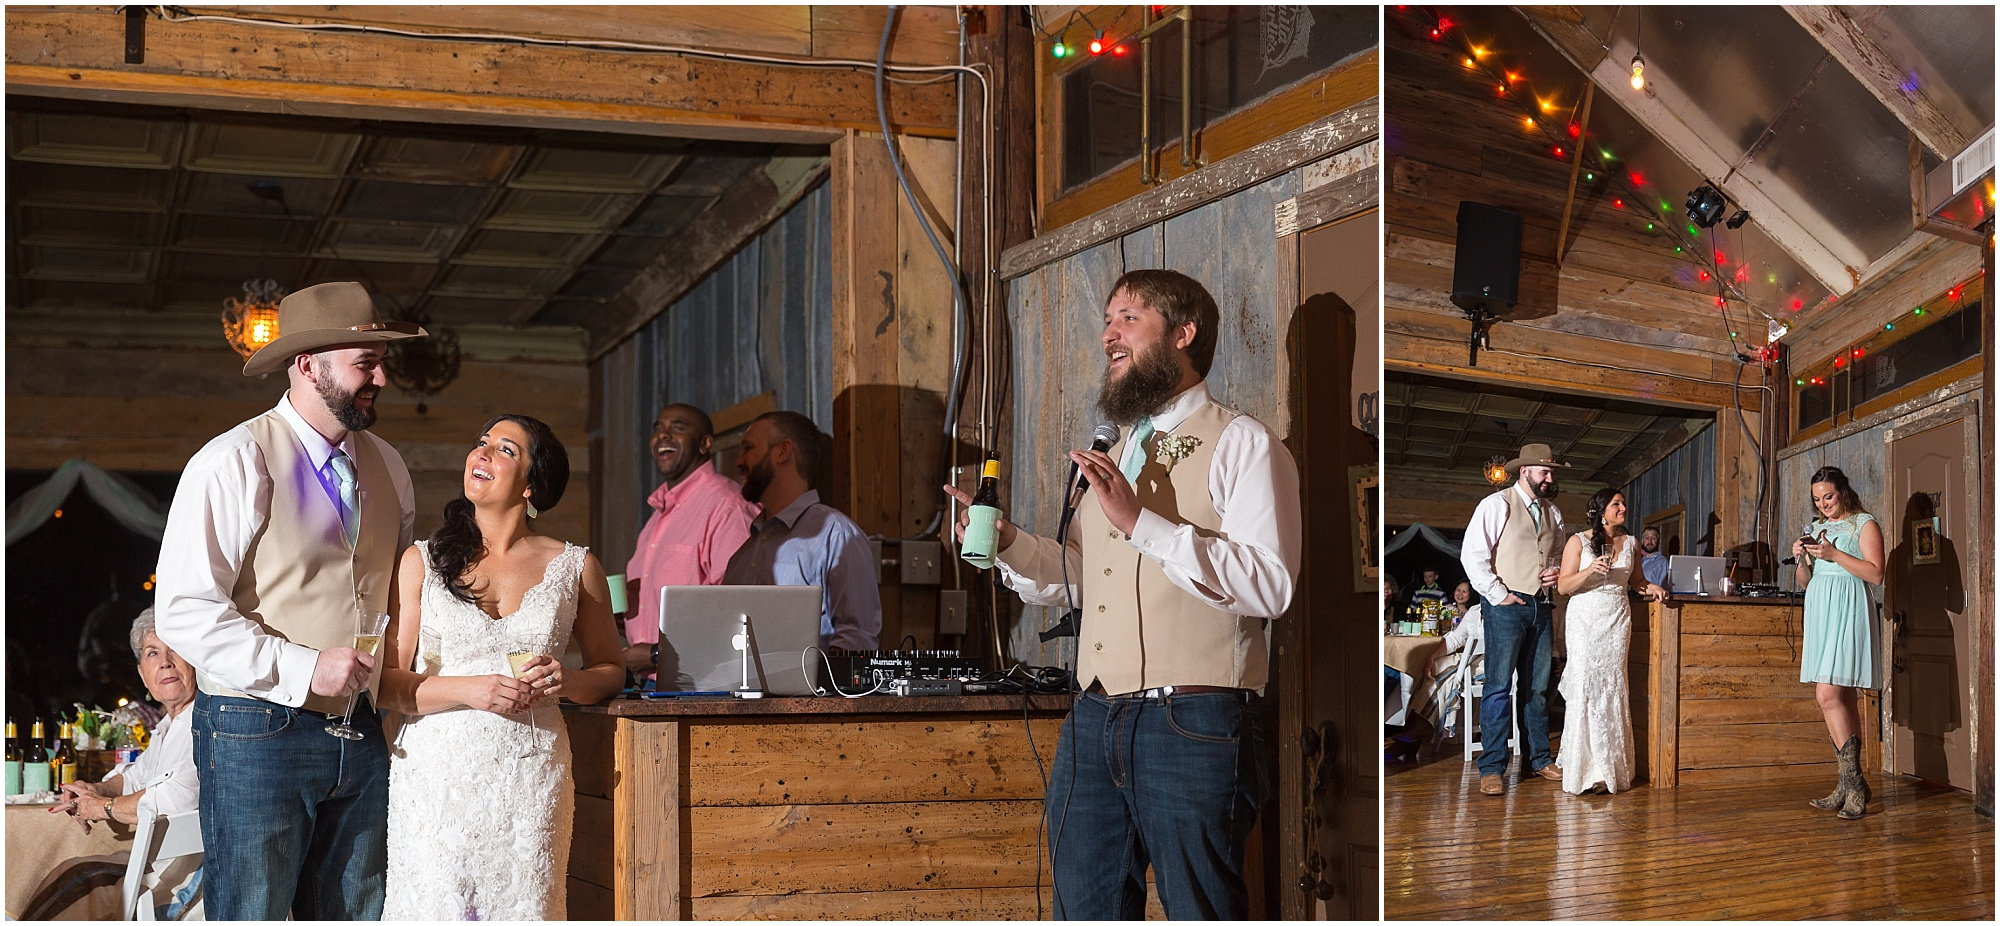 Reception at Peacock River Ranch in Gatesville, Texas - Jason & Melaina Photography